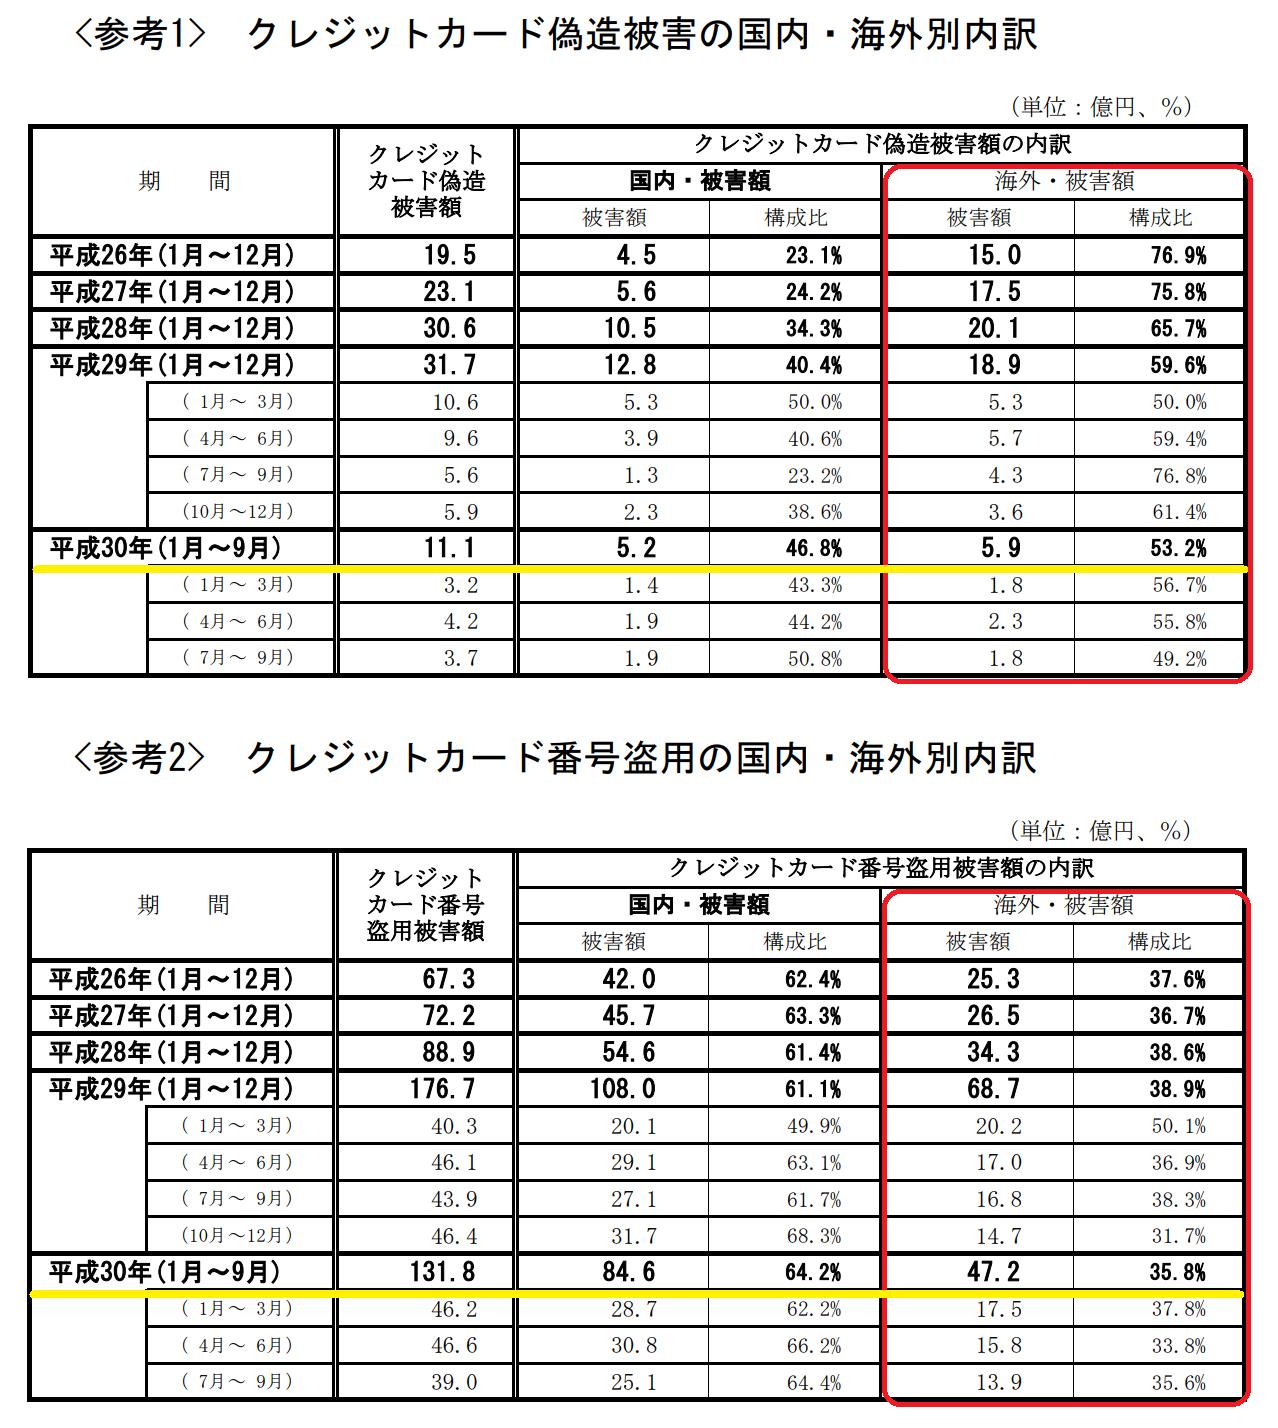 一般社団法人日本クレジット協会による不正利用被害